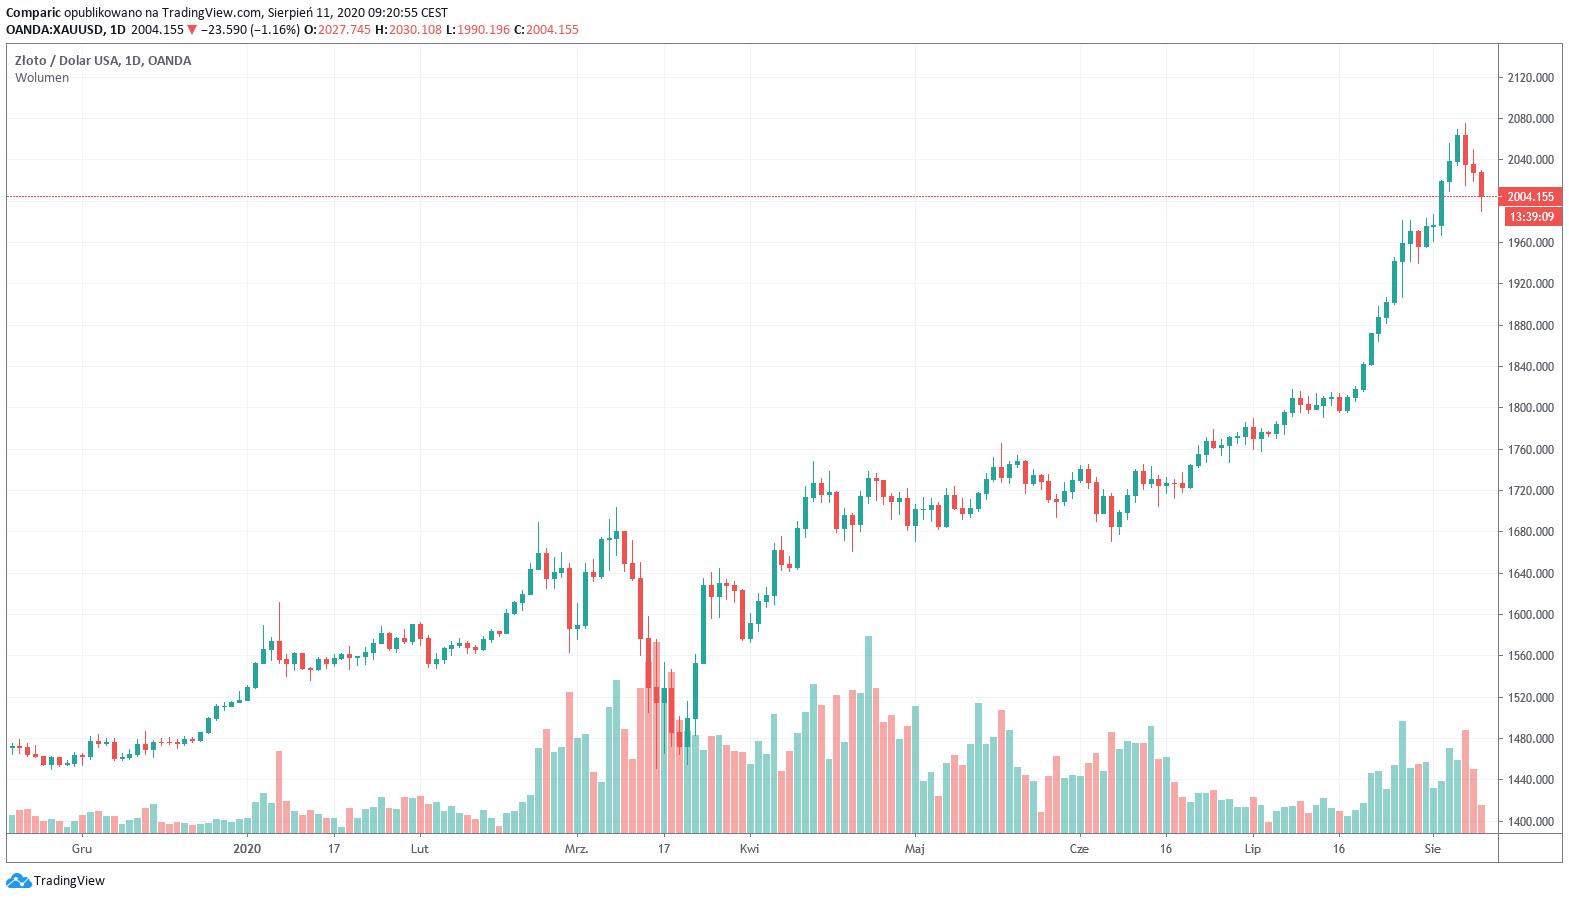 Cena złota spada nawet do 1990 dol., inwestorzy realizują zyski.